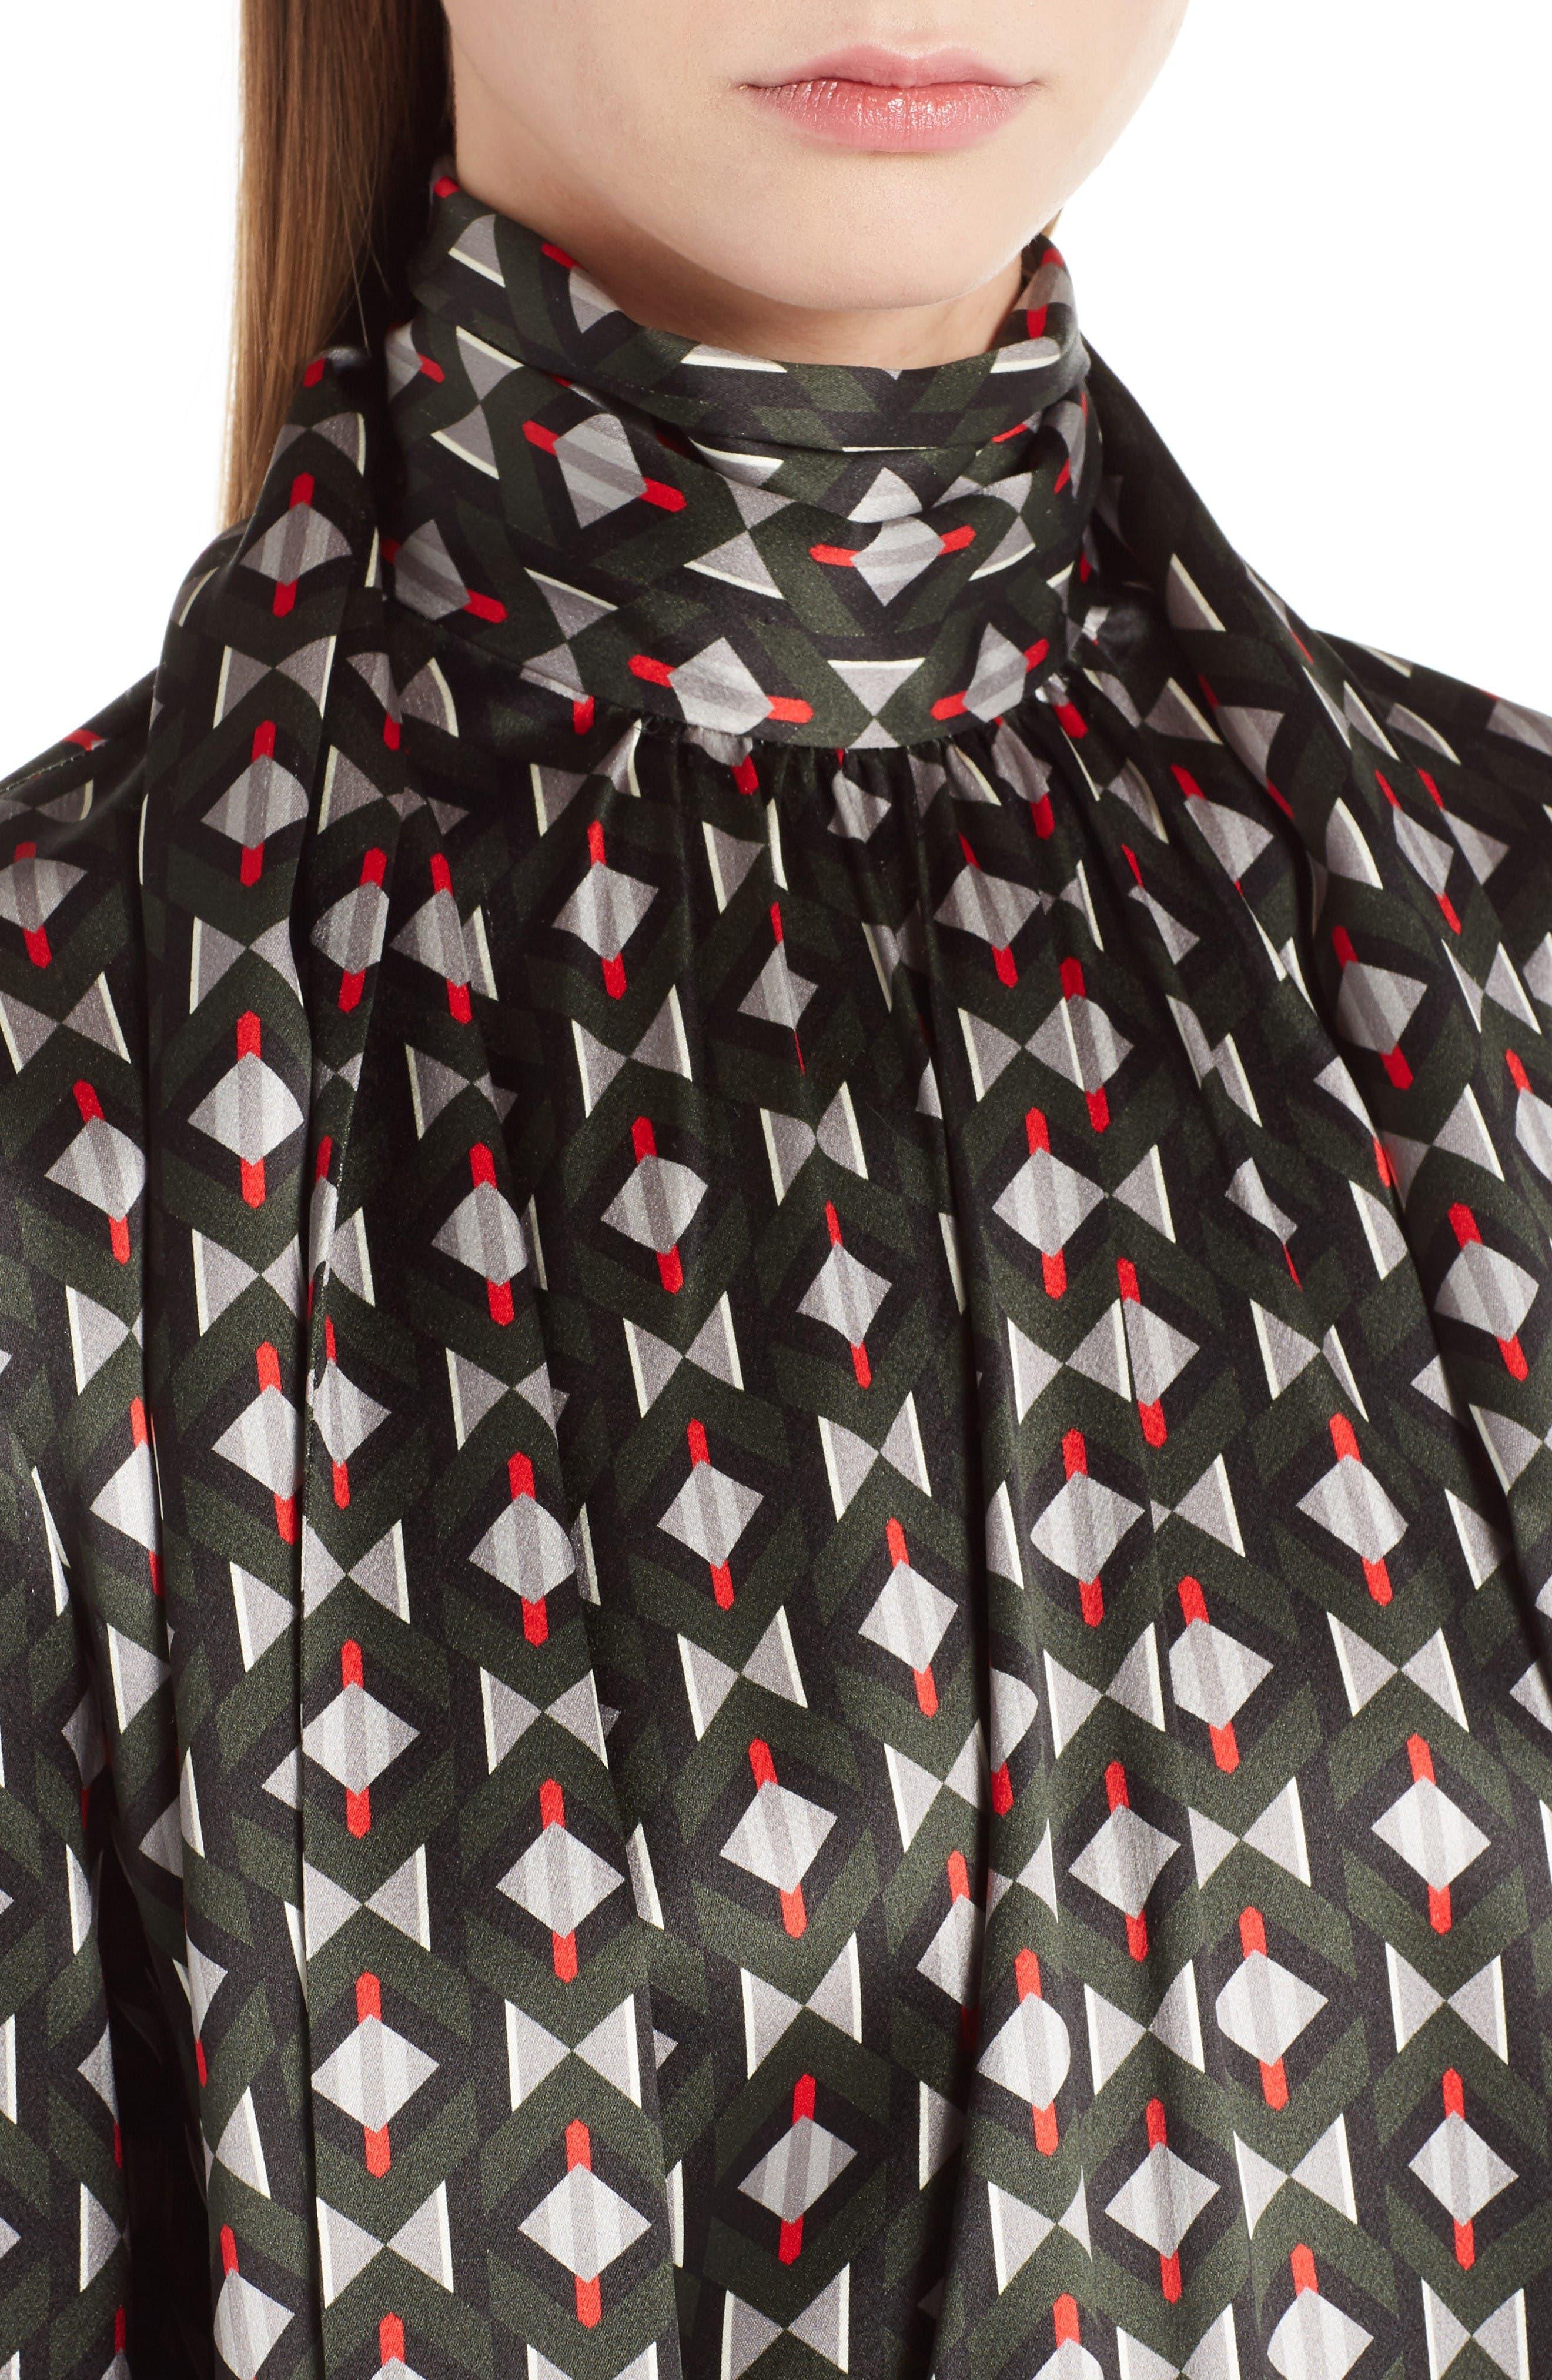 Silk Satin Tie Neck Blouse,                             Alternate thumbnail 4, color,                             Color Block